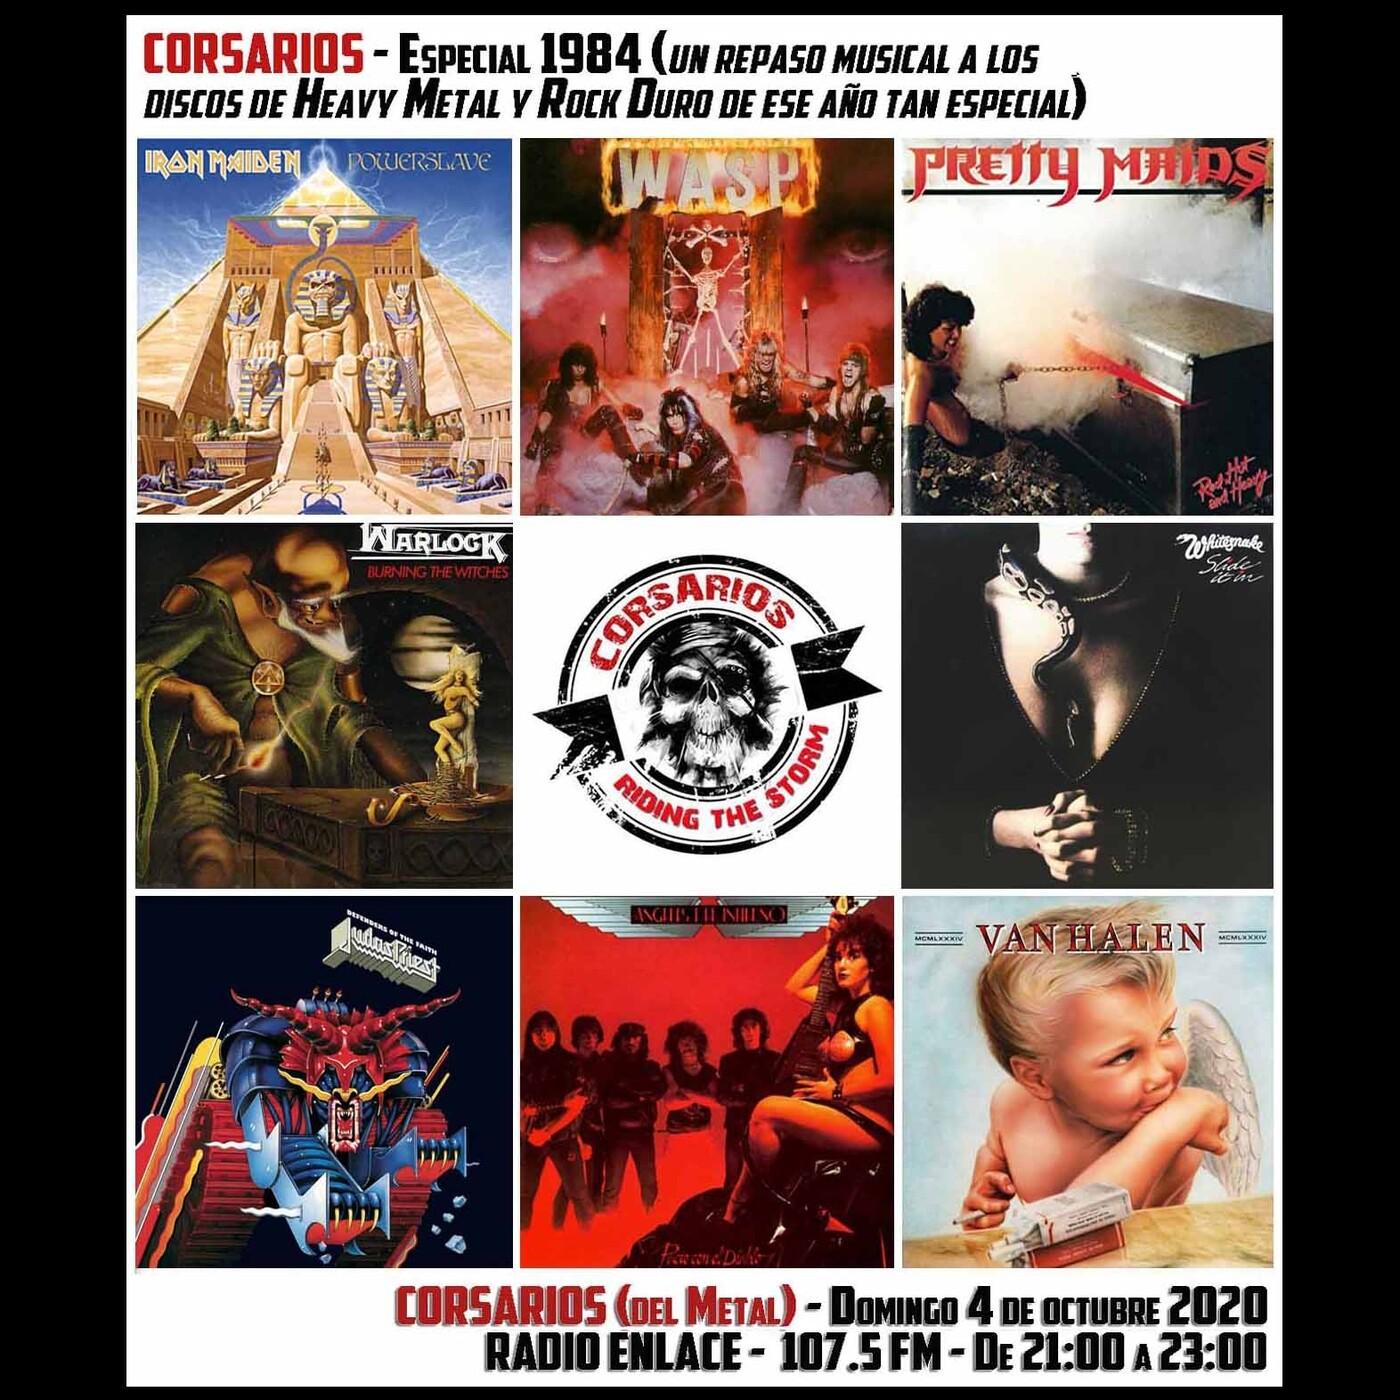 Corsarios - Especial 1984 (en heavy metal) - Domingo 4 de octubre de 2020